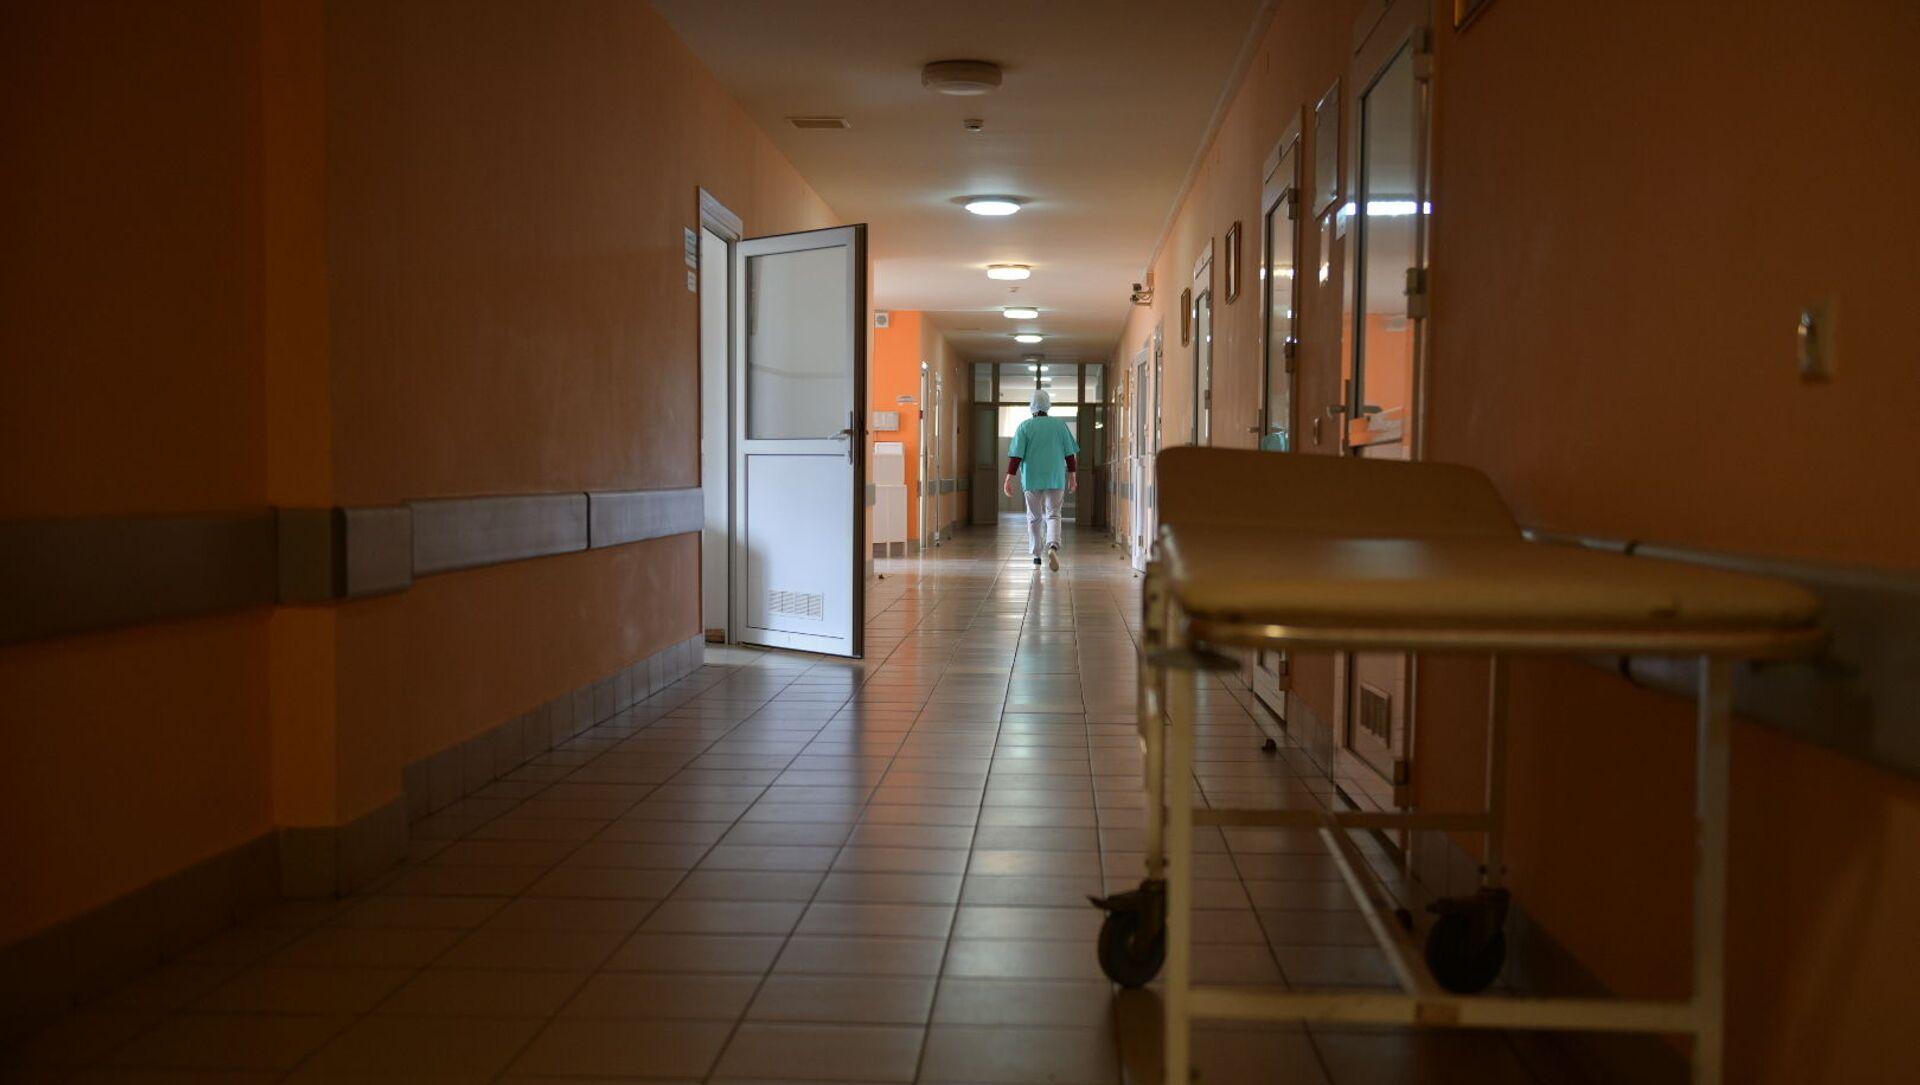 Республиканская больница  - Sputnik Аҧсны, 1920, 20.05.2021